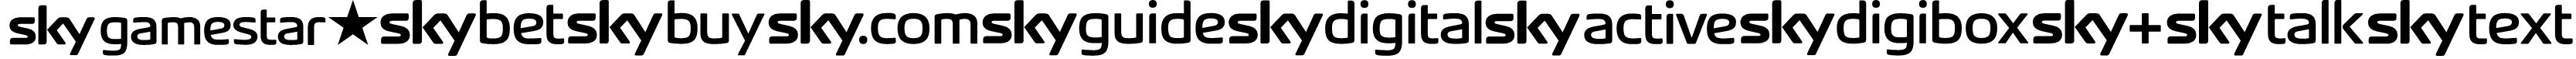 SKYfontbrands Font